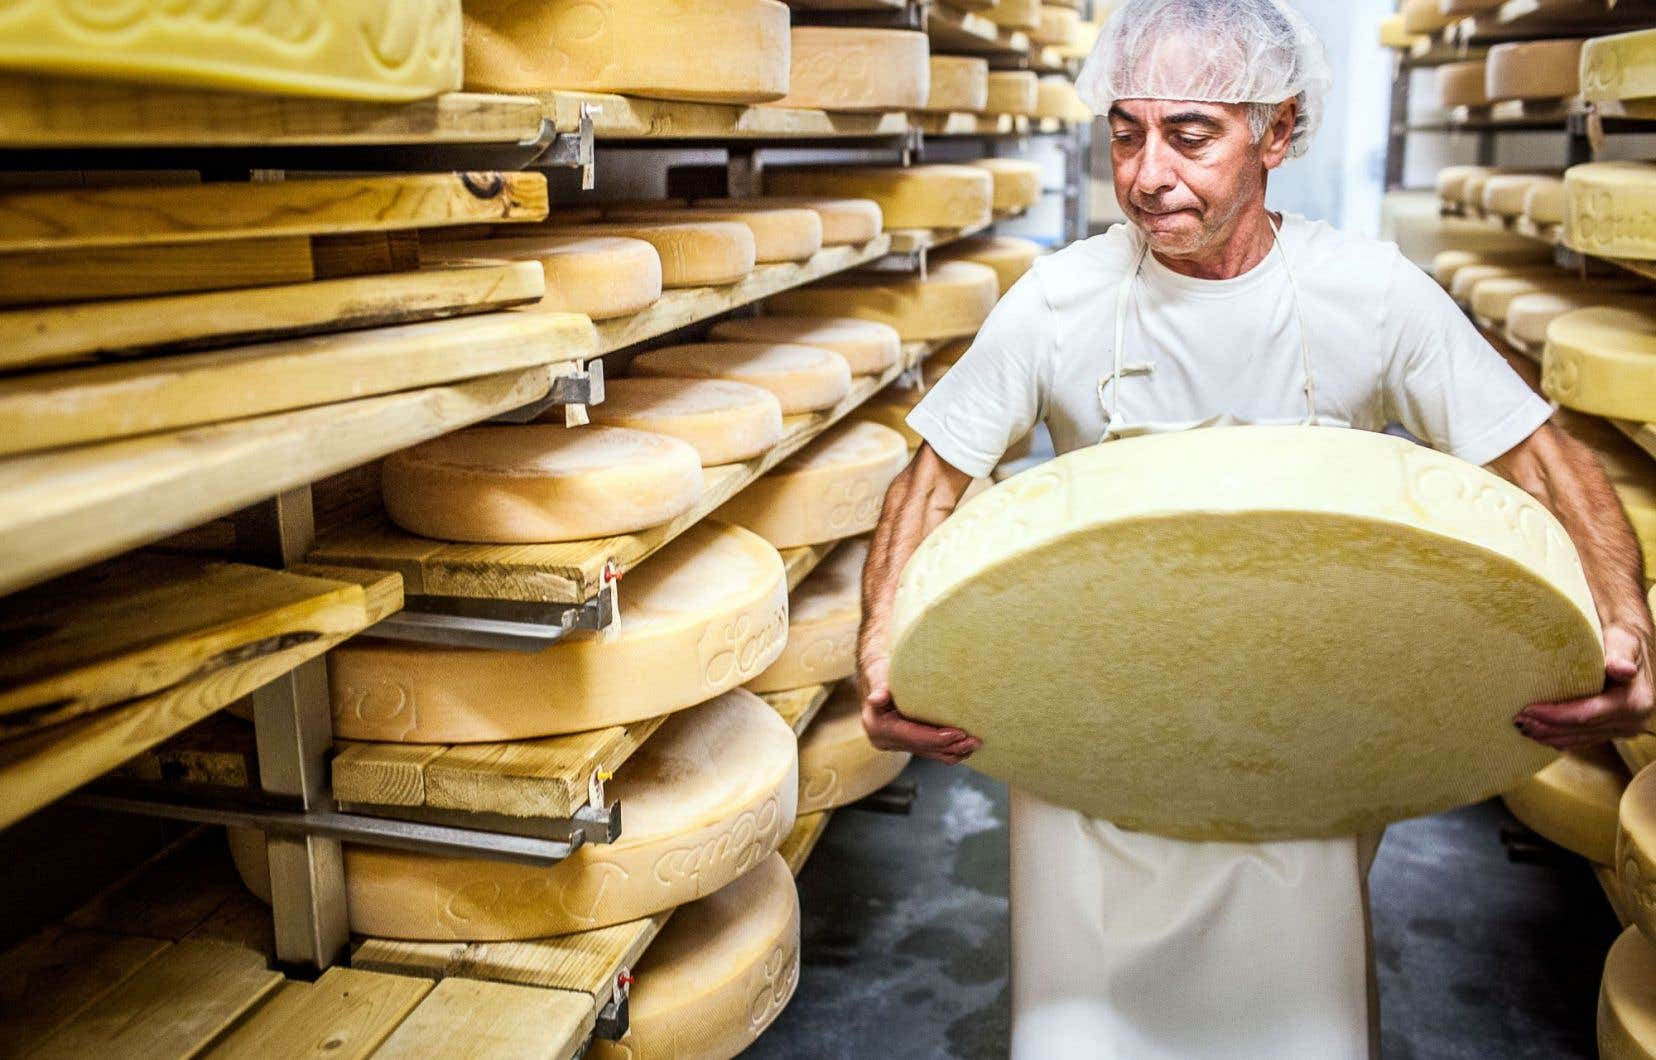 Gagnante de plusieurs prix, la Fromagerie du Presbytère s'inscrit comme un modèle pour tous les artisans fromagers du Québec.